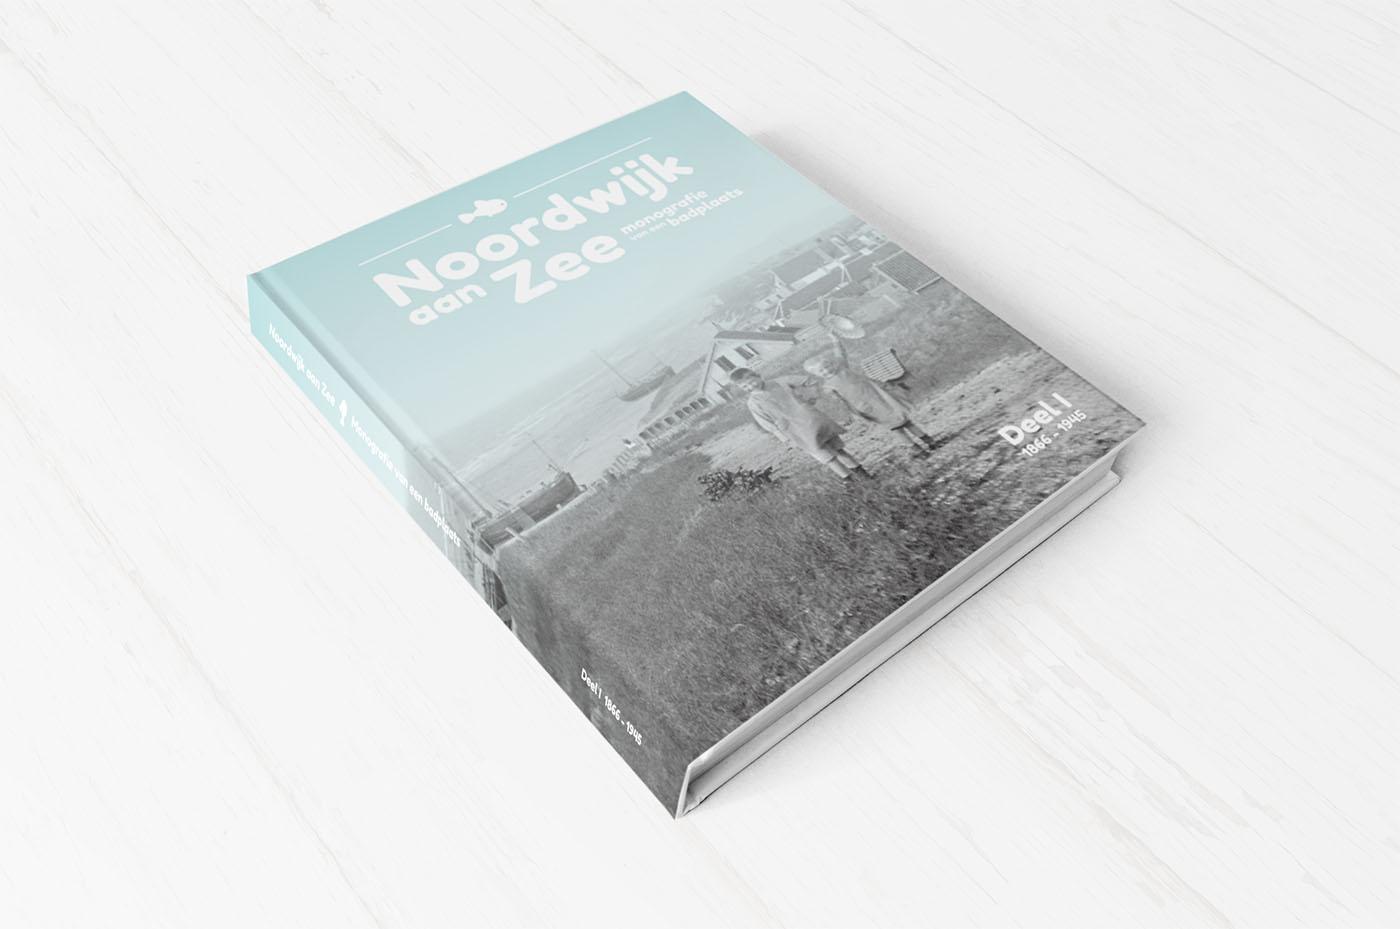 Badplaatsboek.jpg#asset:202